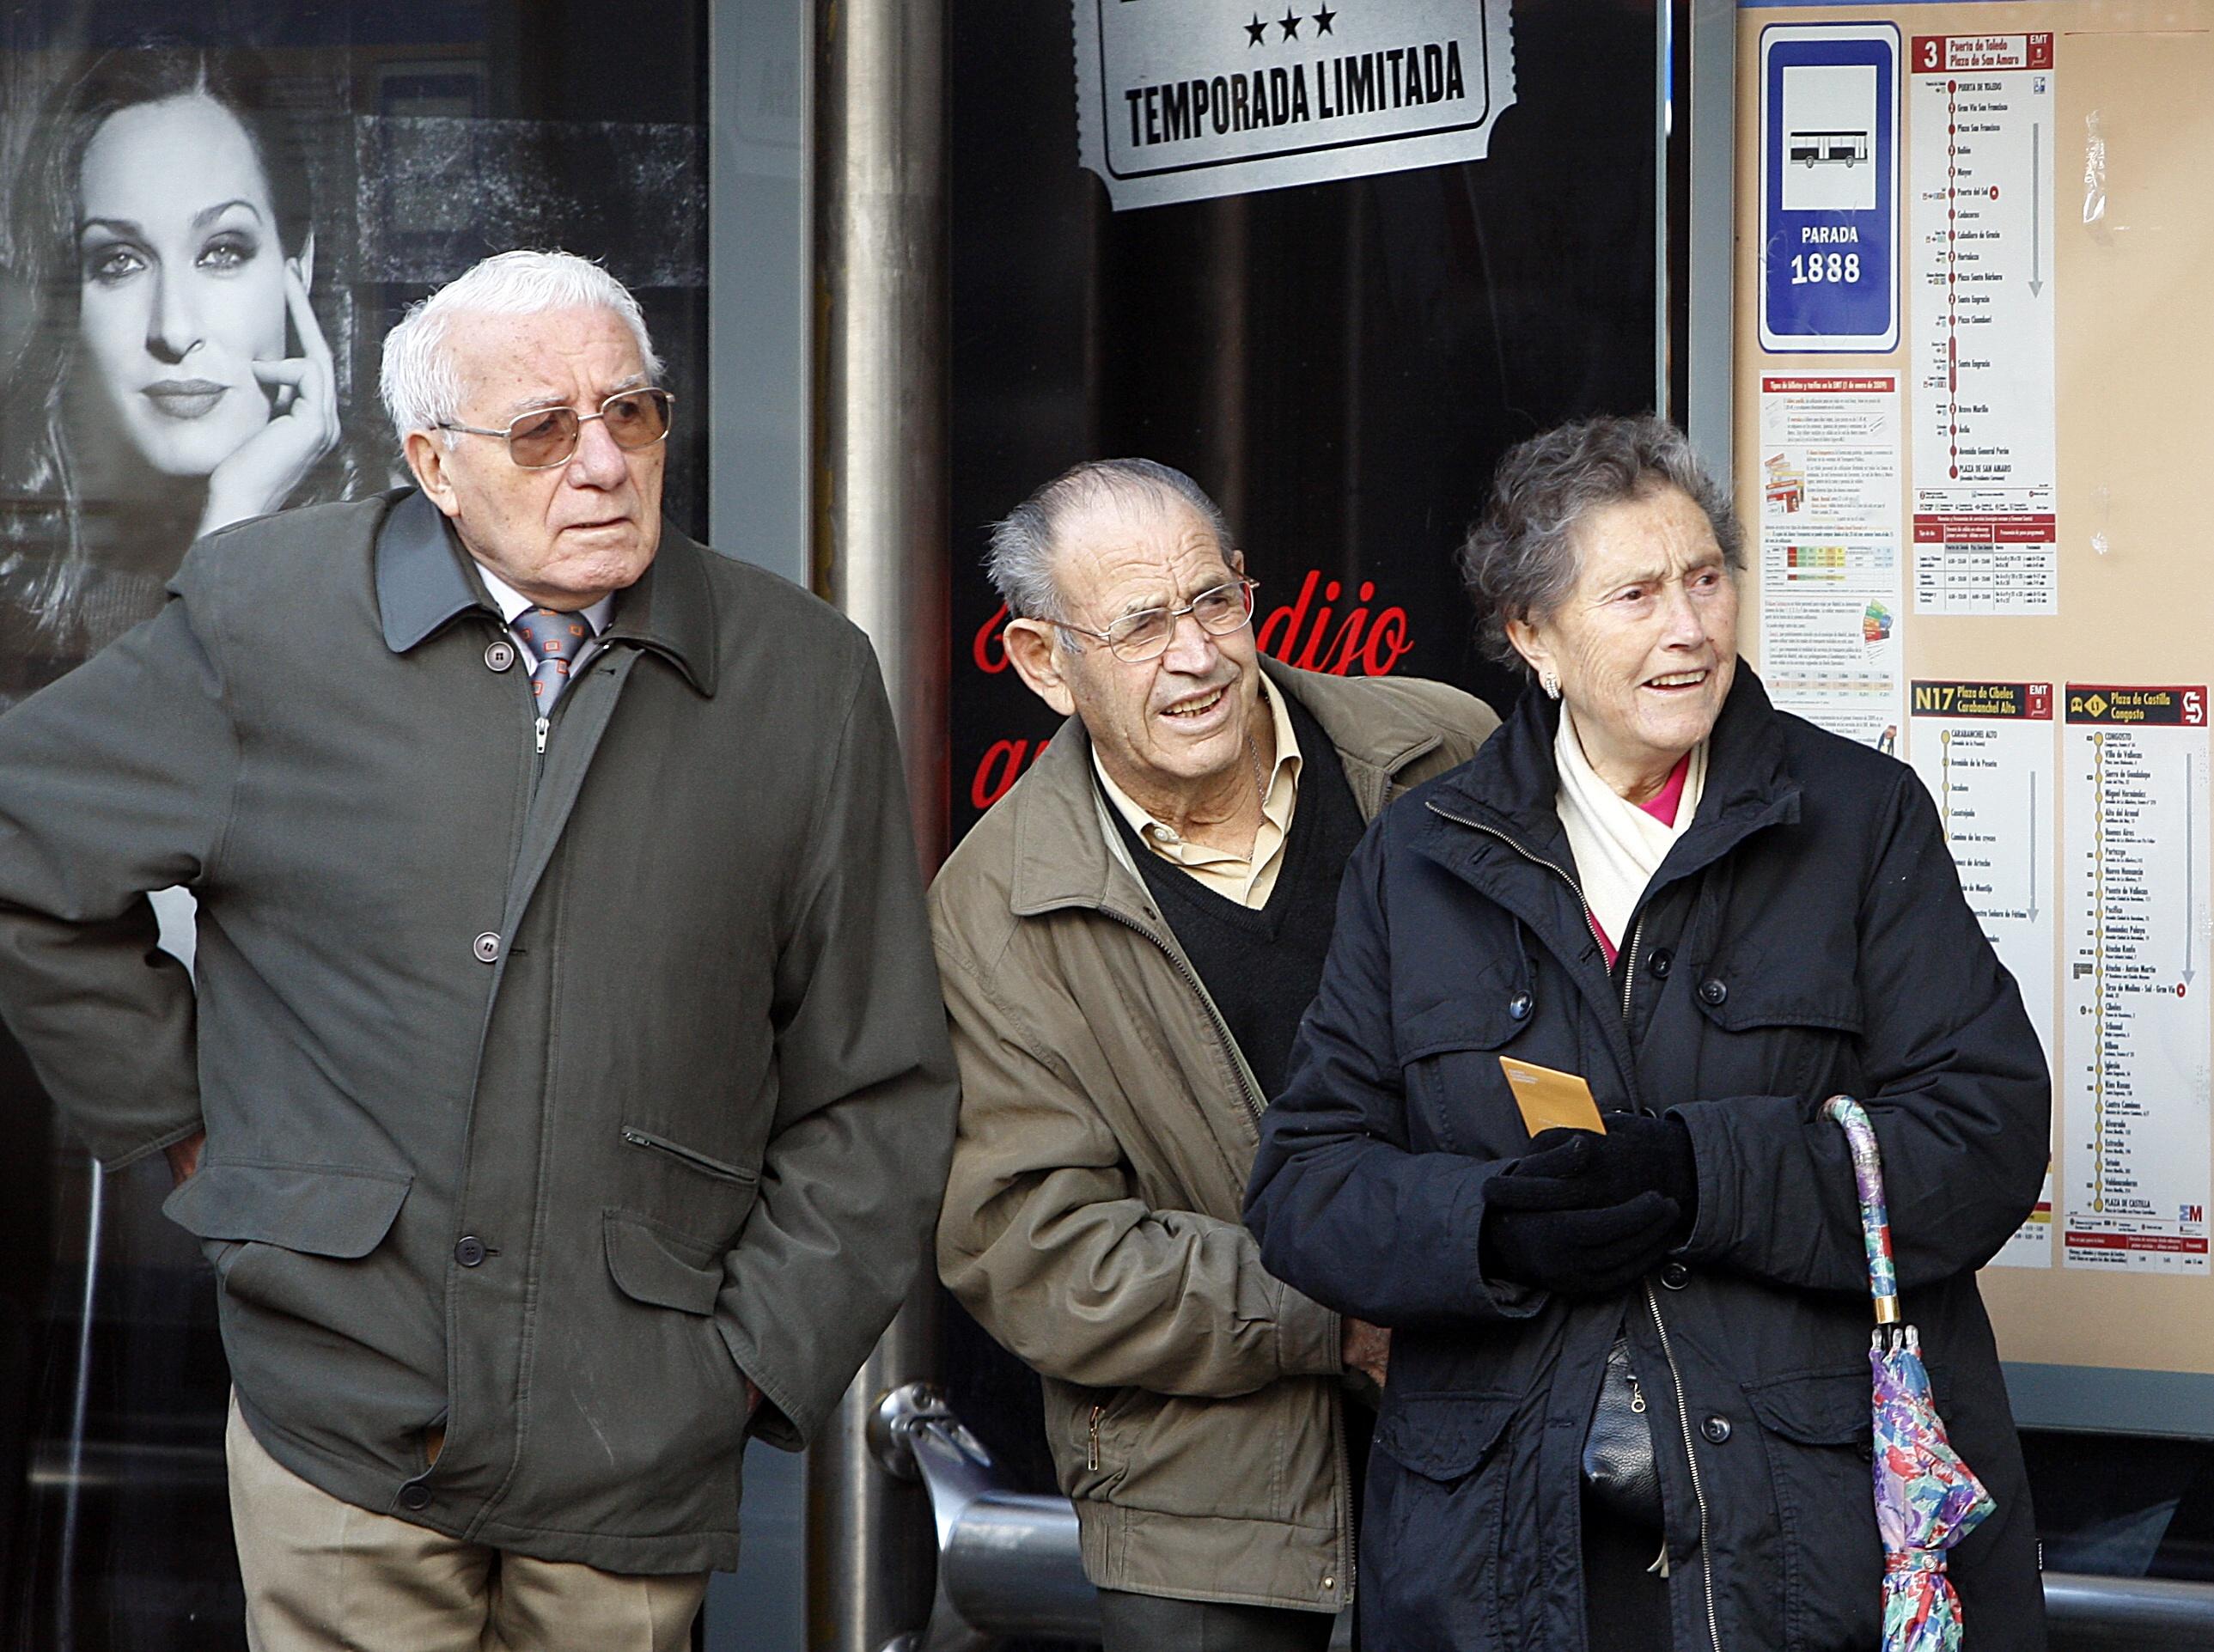 El 94% de los trabajadores que han generado derechos de jubilación lo han hecho a través del sistema público